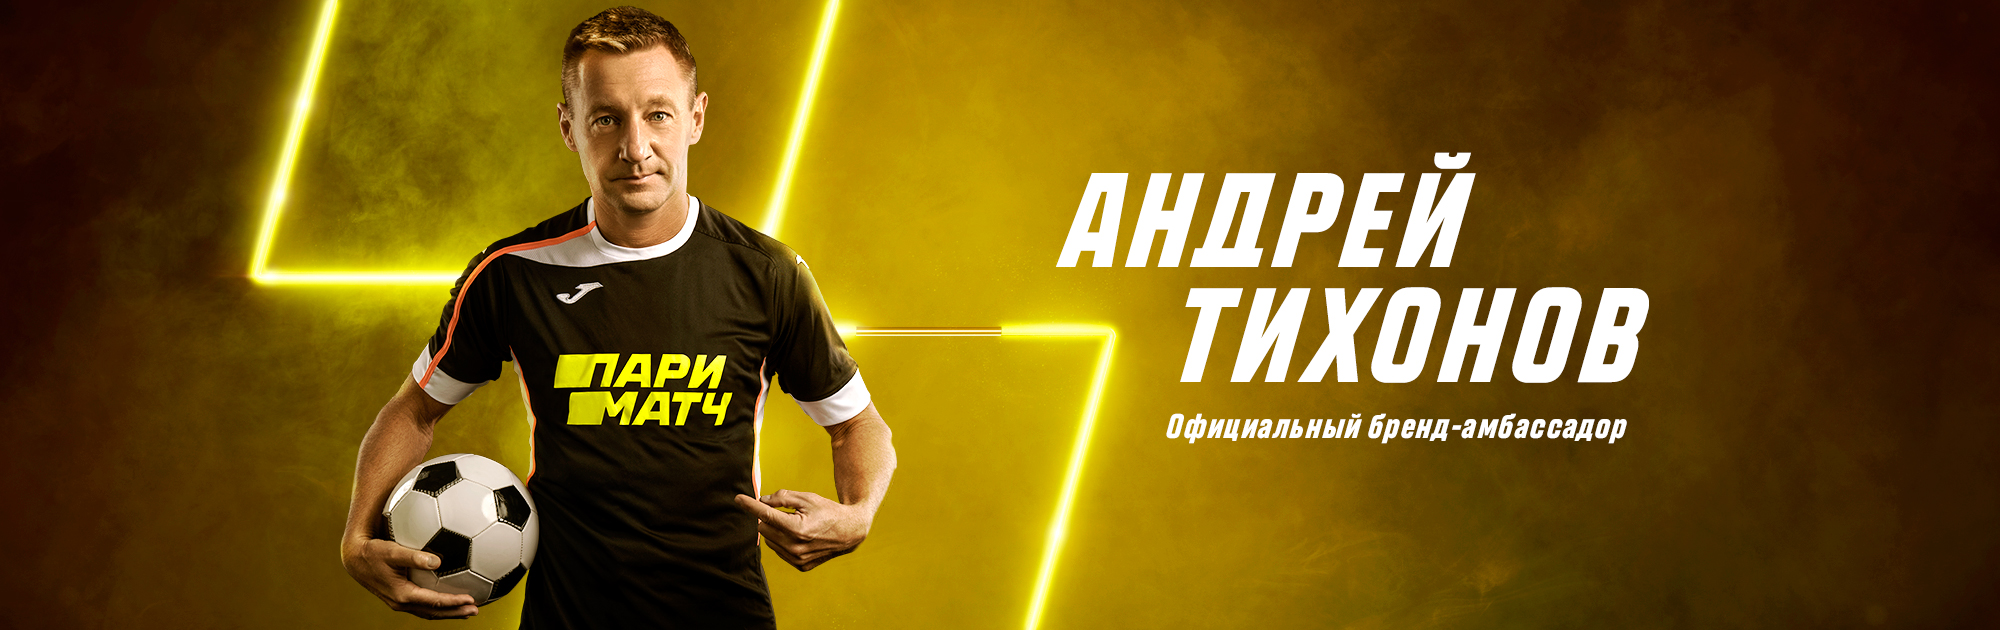 parimatch.ru